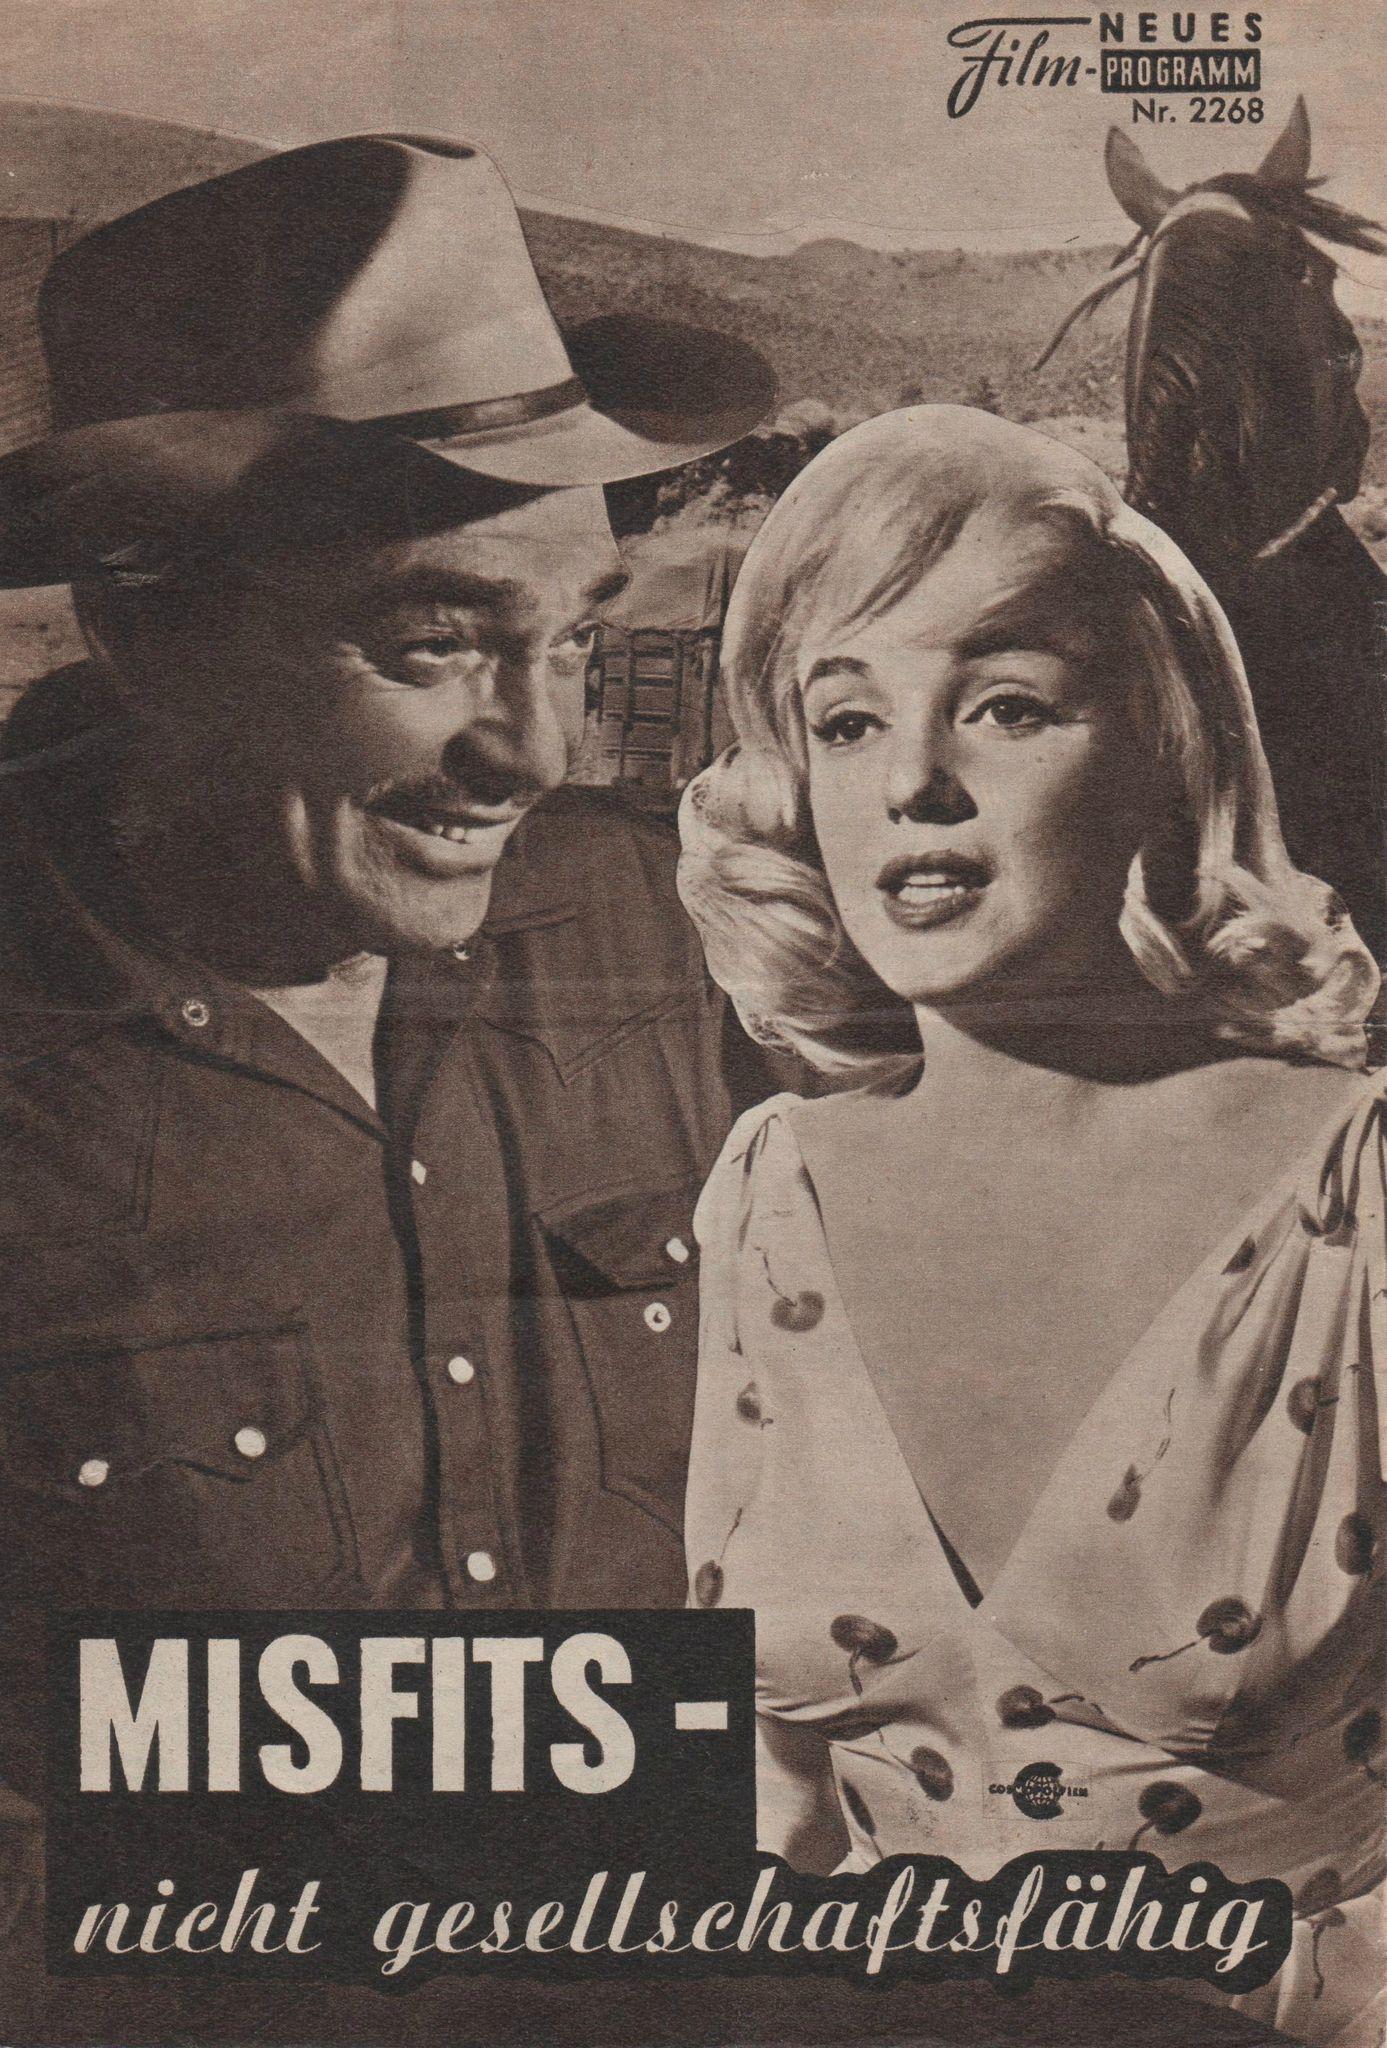 Neues film programm (all) 1961